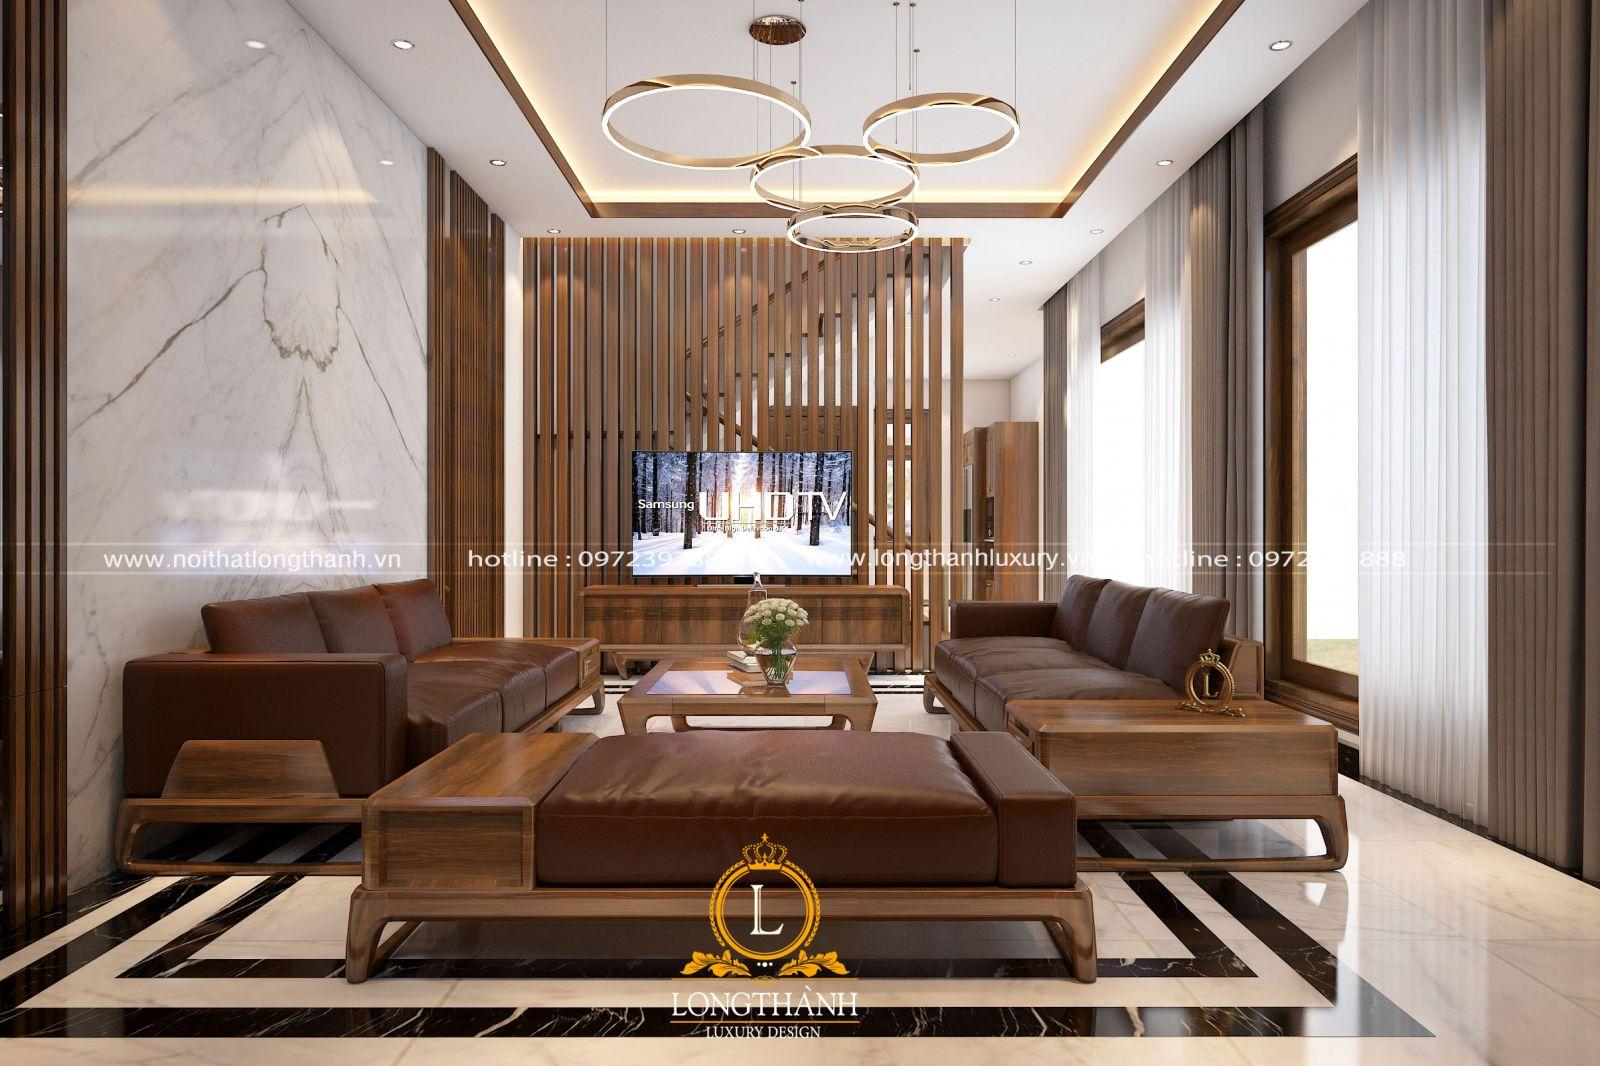 Phòng khách hiện đại lựa chọn sử dụng bố sofa đơn giản nhẹ nhàng